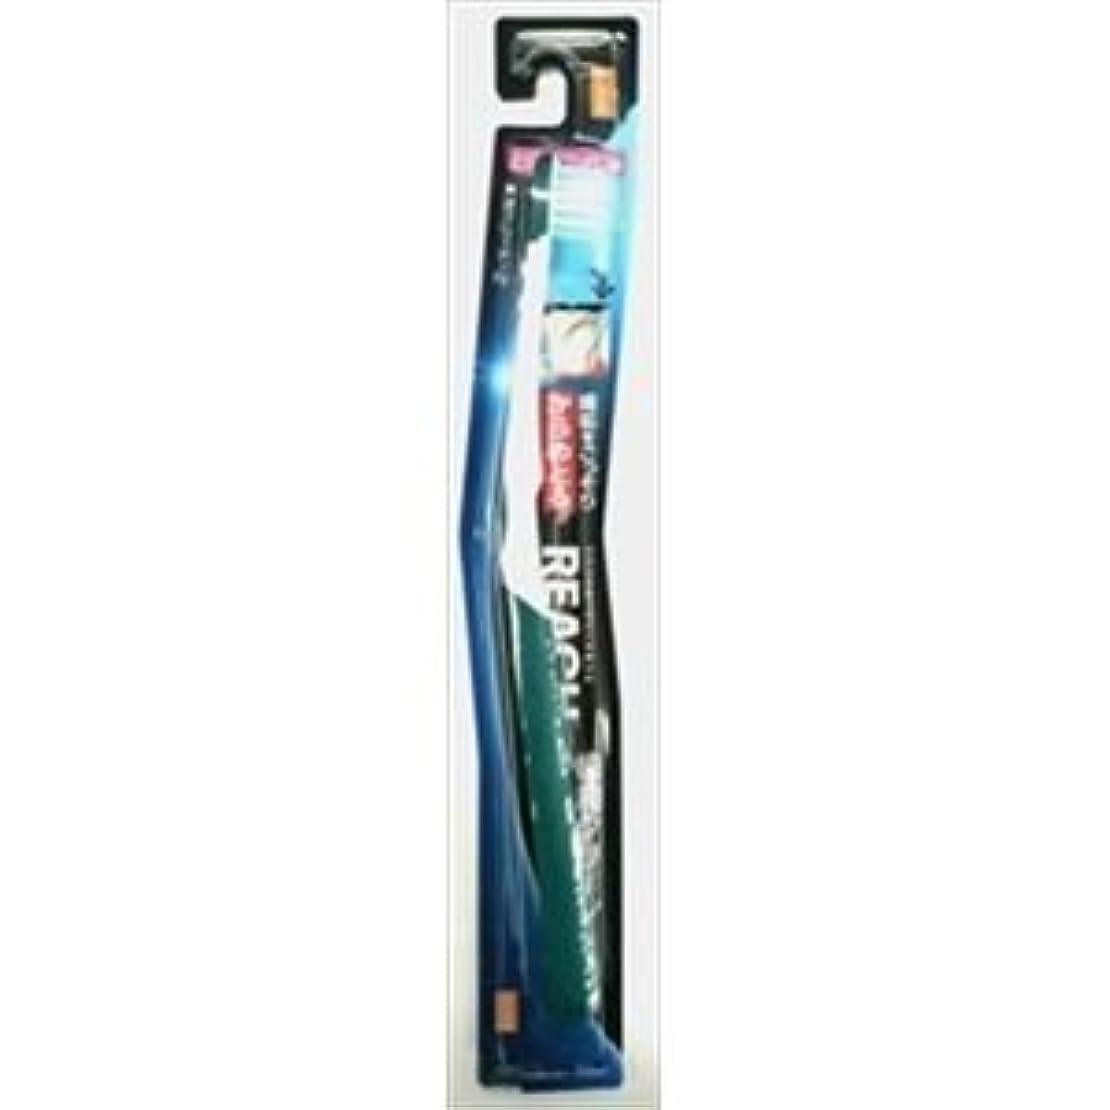 仕様いつか強制(まとめ)銀座ステファニー リーチ歯ブラシ リーチ 歯周クリーン とってもコンパクト やわらかめ 【×5点セット】